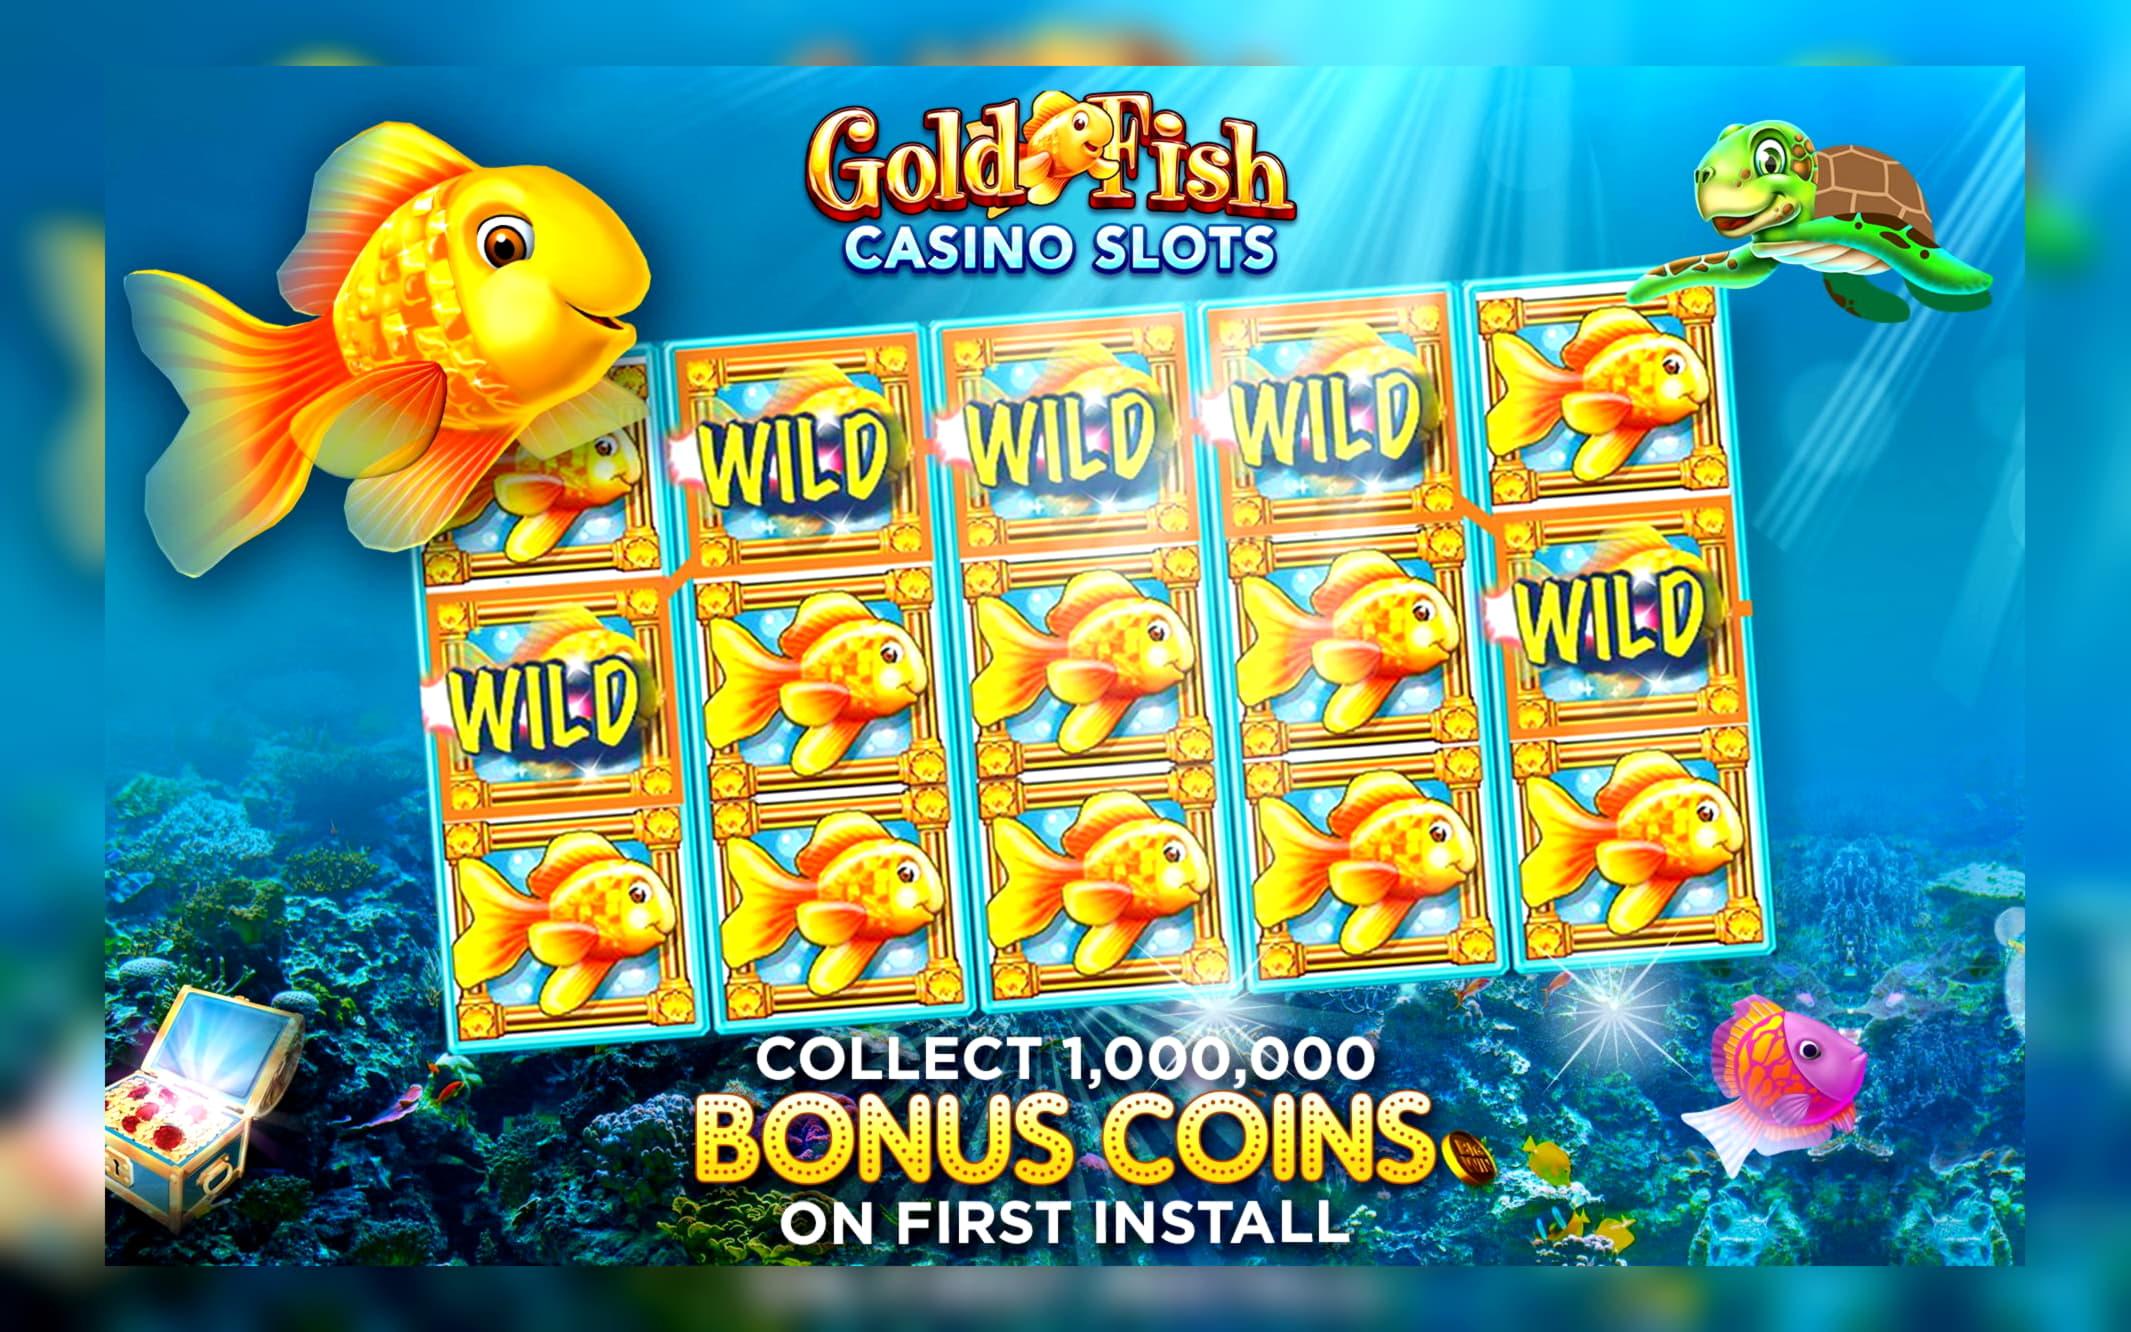 690% โบนัสเงินฝากครั้งแรกที่ Raging Bull Casino